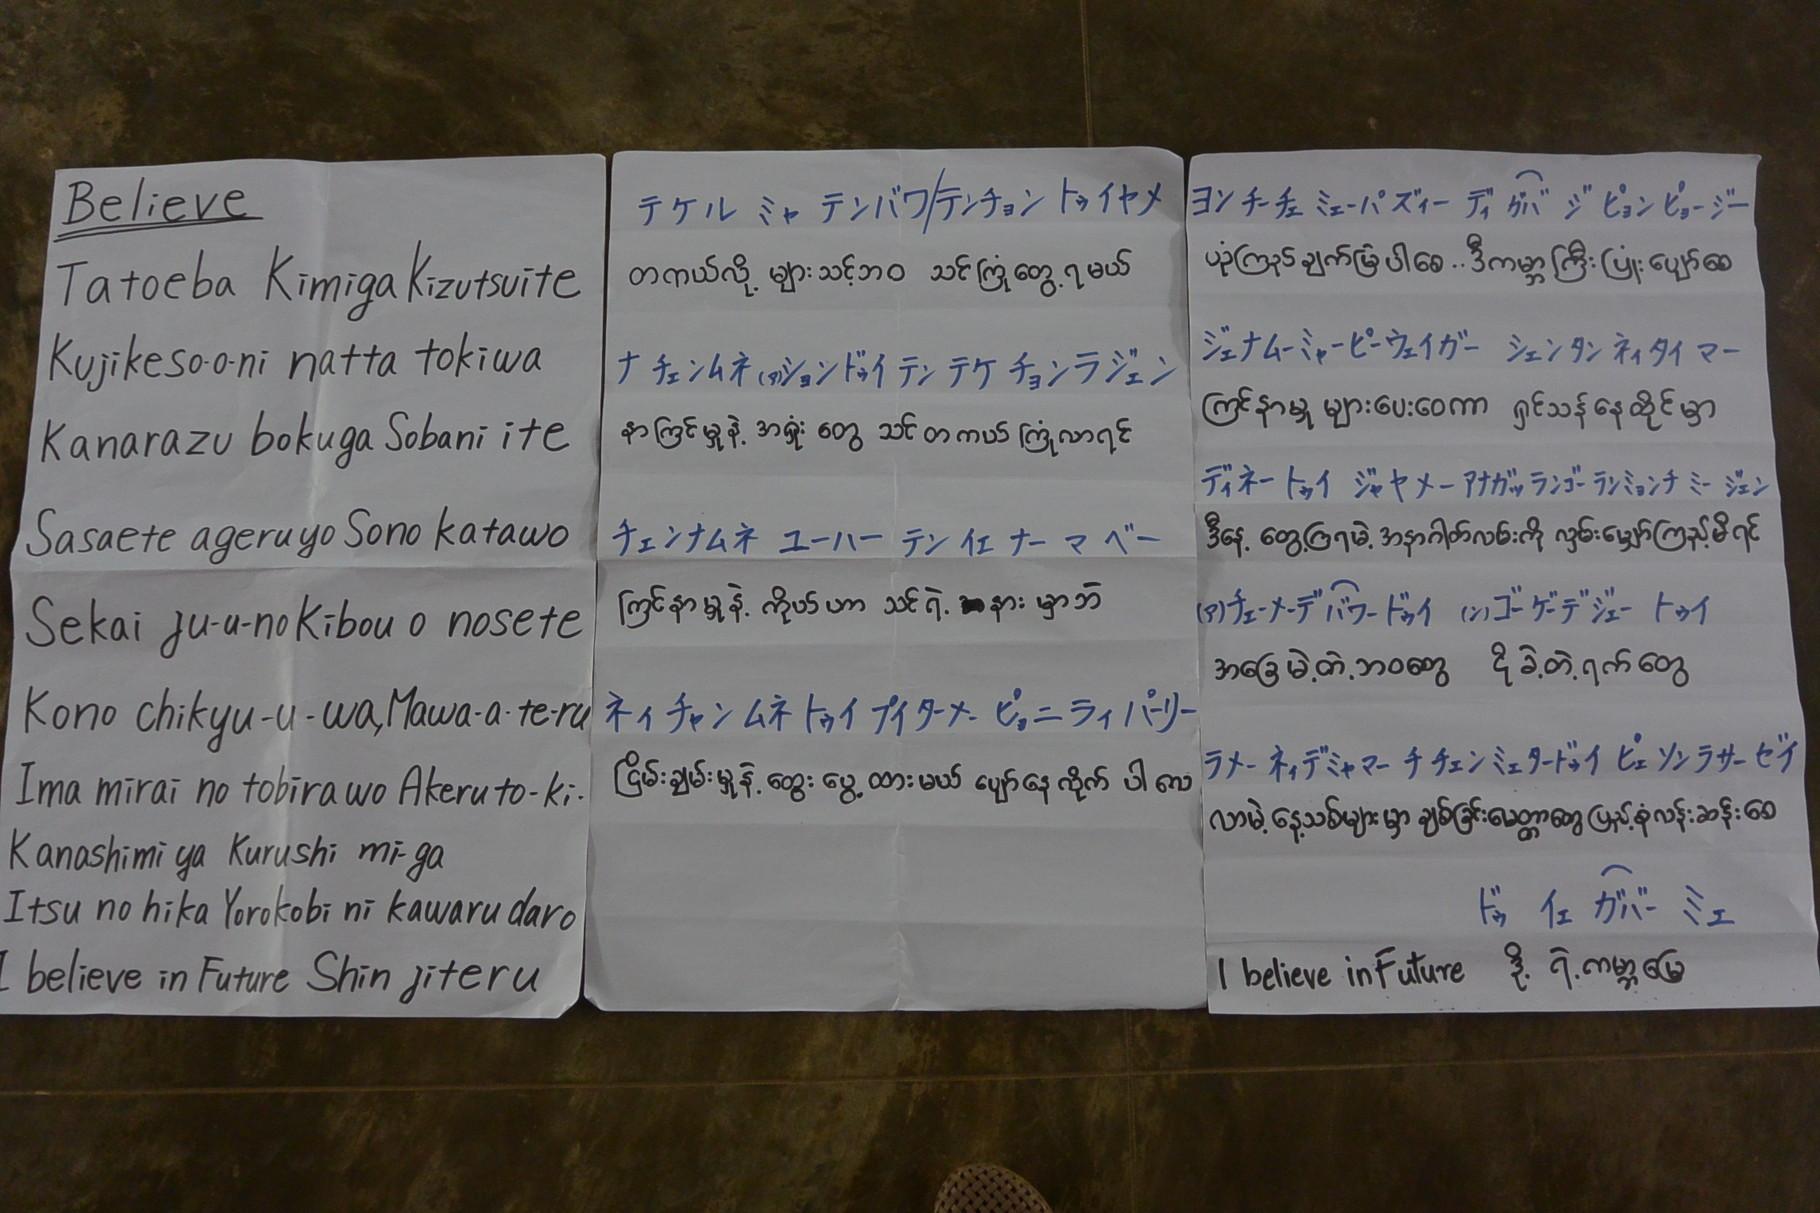 日本の曲「Believe」をビルマ語にしました!